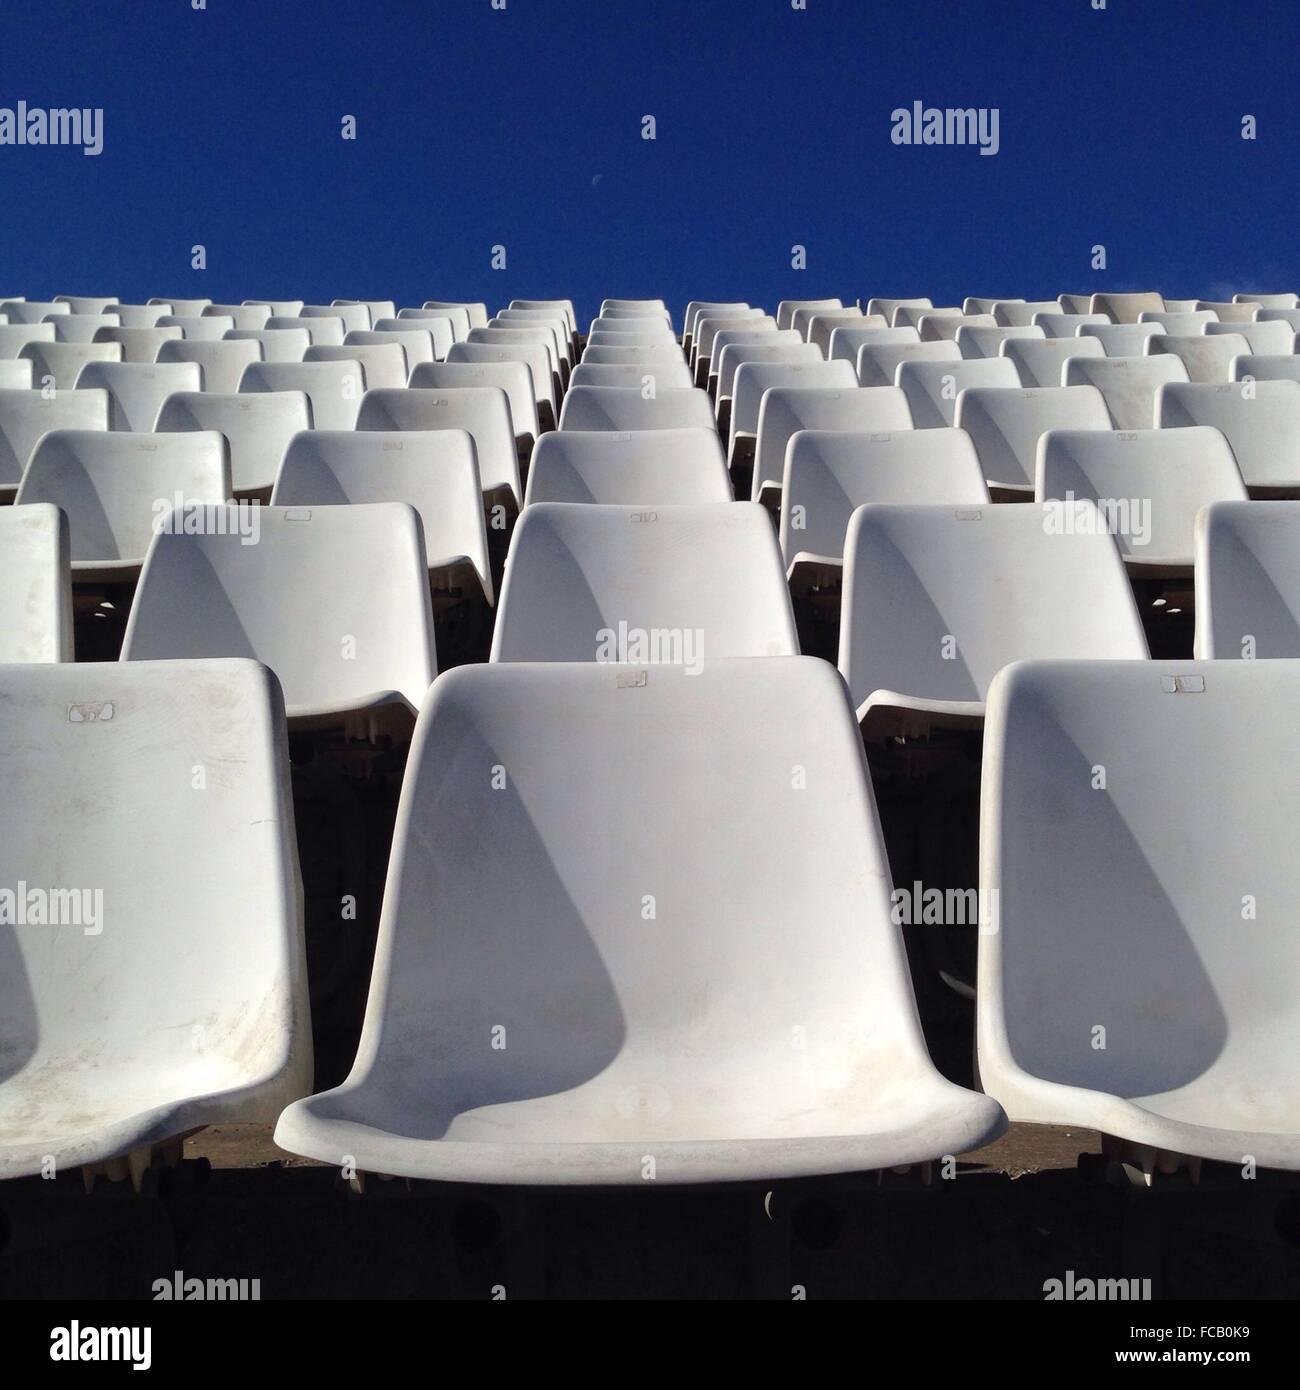 Filas de sillas blancas vacías Imagen De Stock